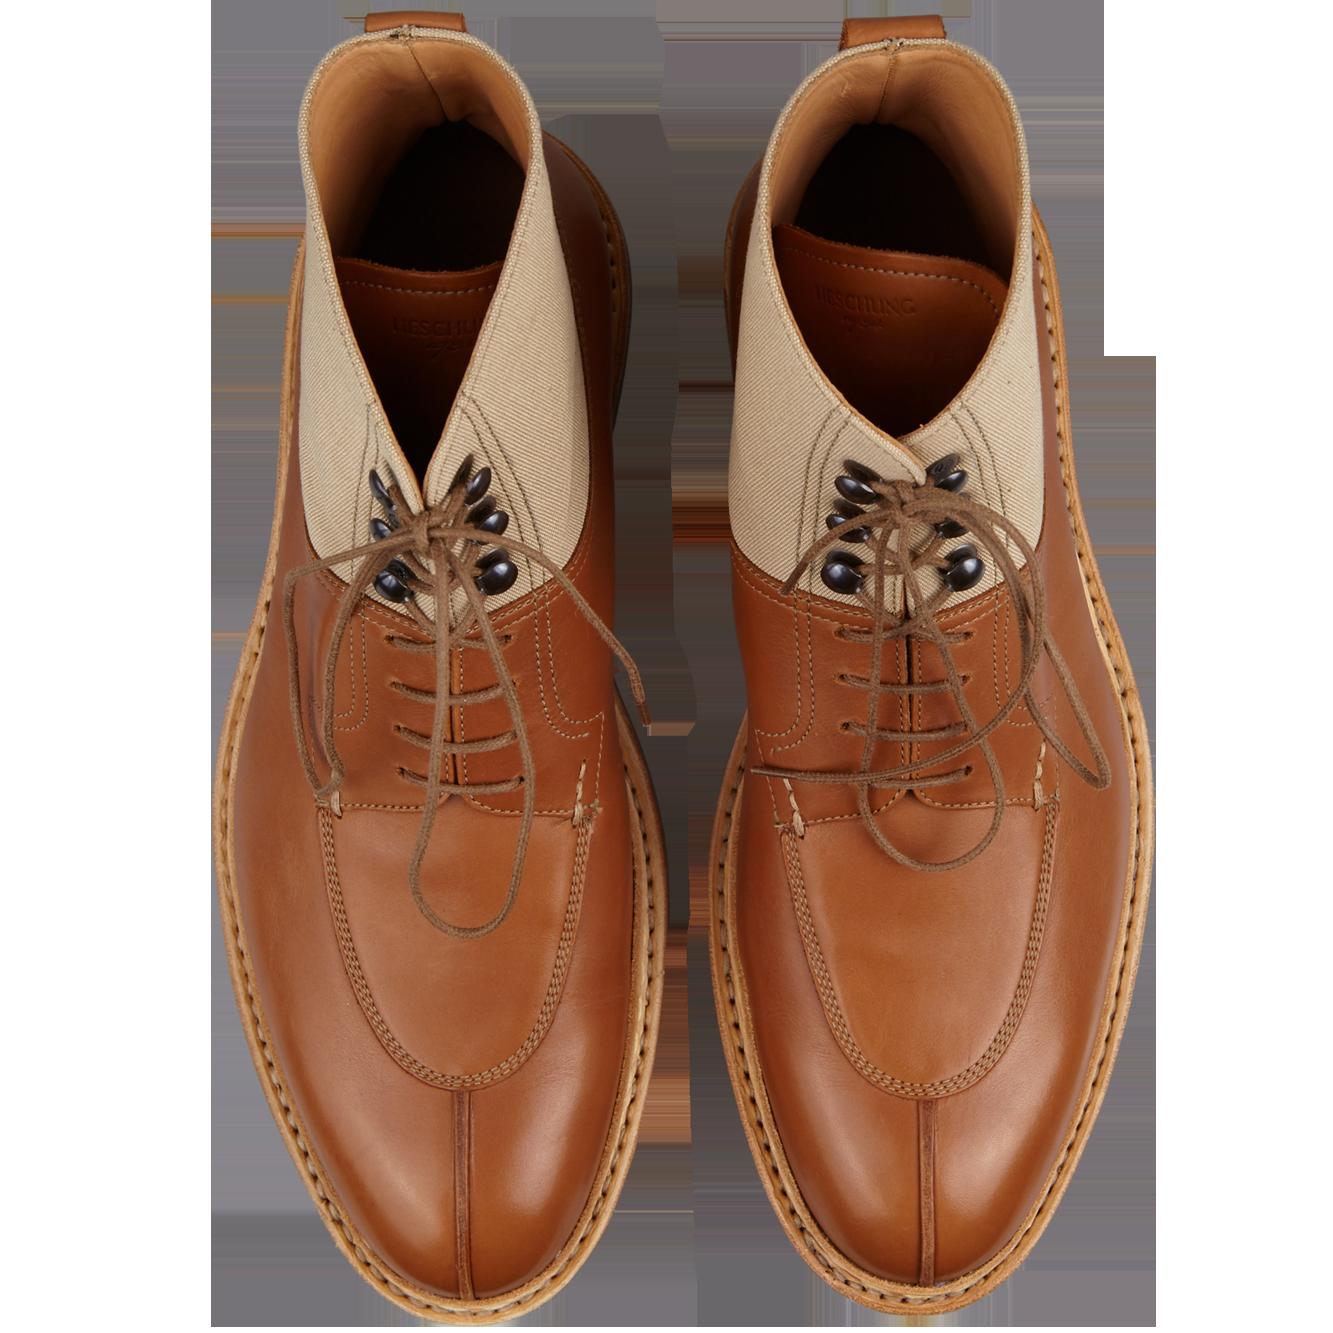 Heschung Ginkgo Boots Gold Top